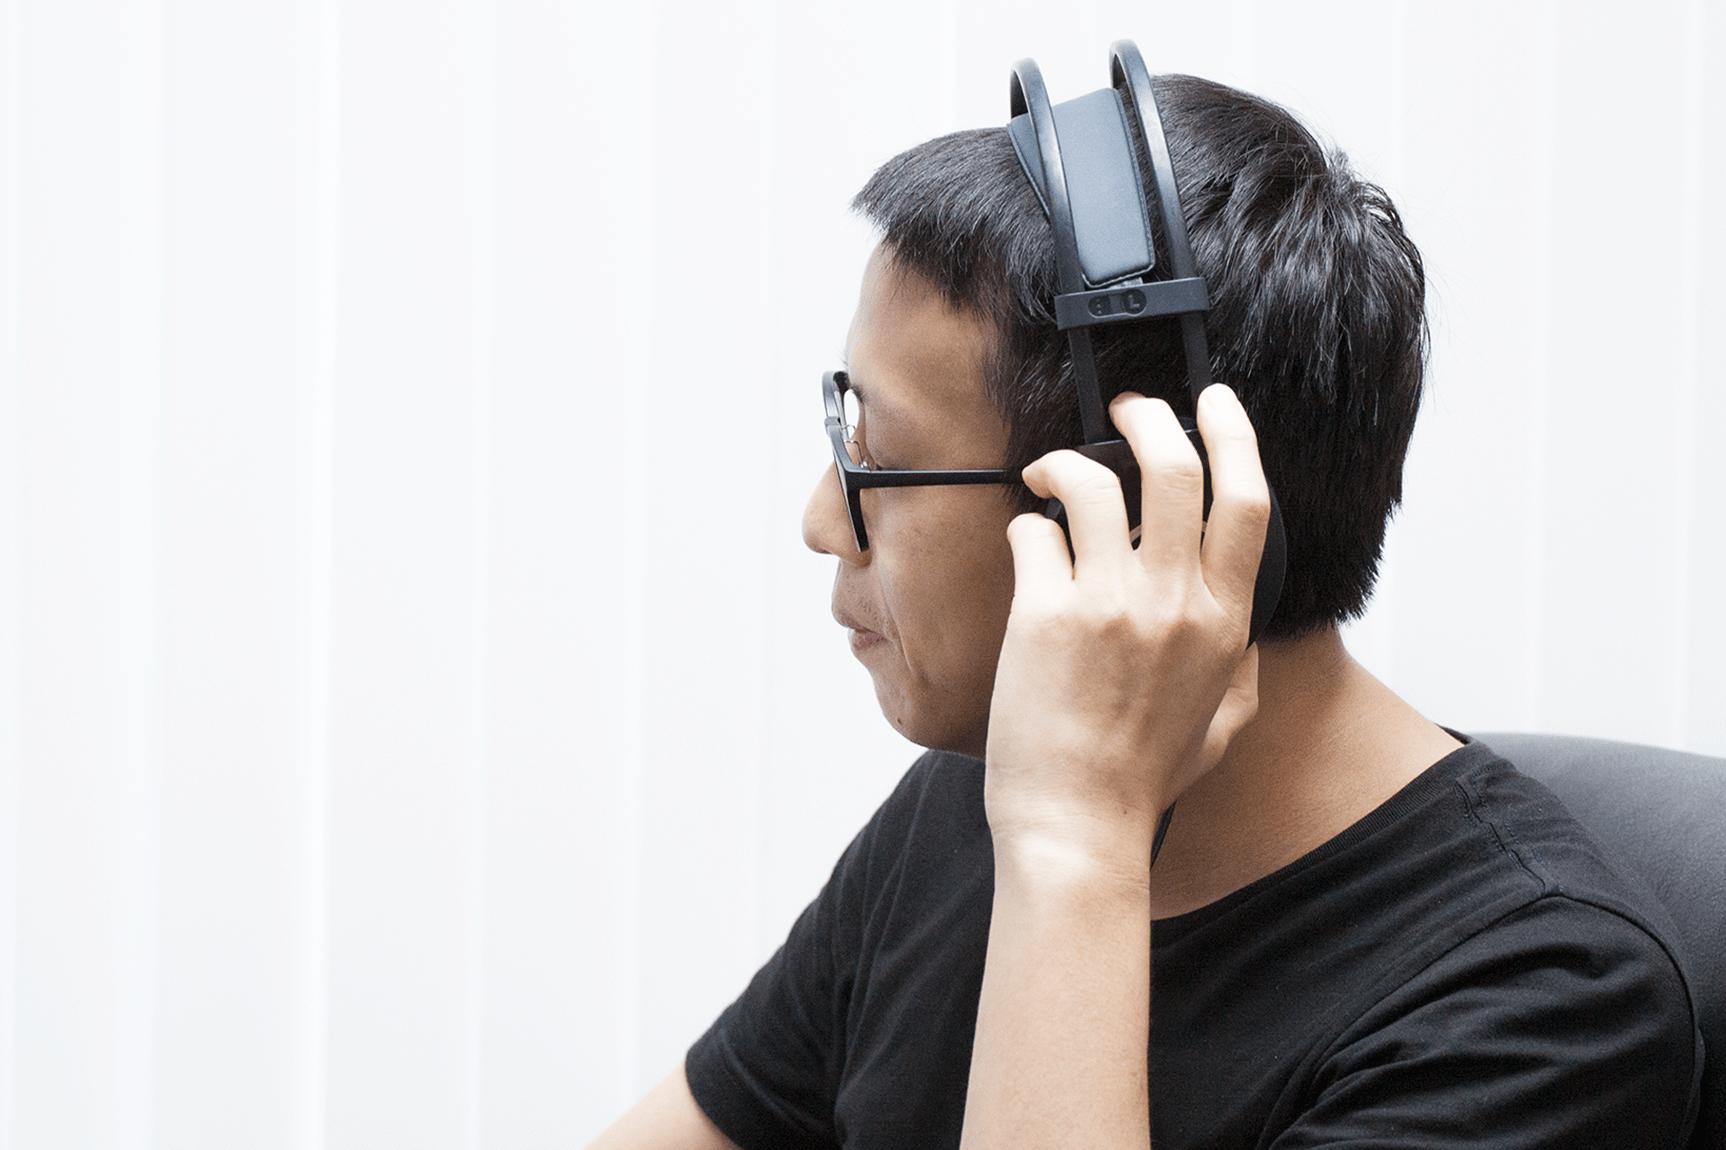 如何打破「會音樂」與「不會音樂」的高牆,利用科技創造更好的音樂學習介面,讓音樂欣賞與彈奏更好上手,便是蘇黎致力研究的目標。 攝影│張語辰